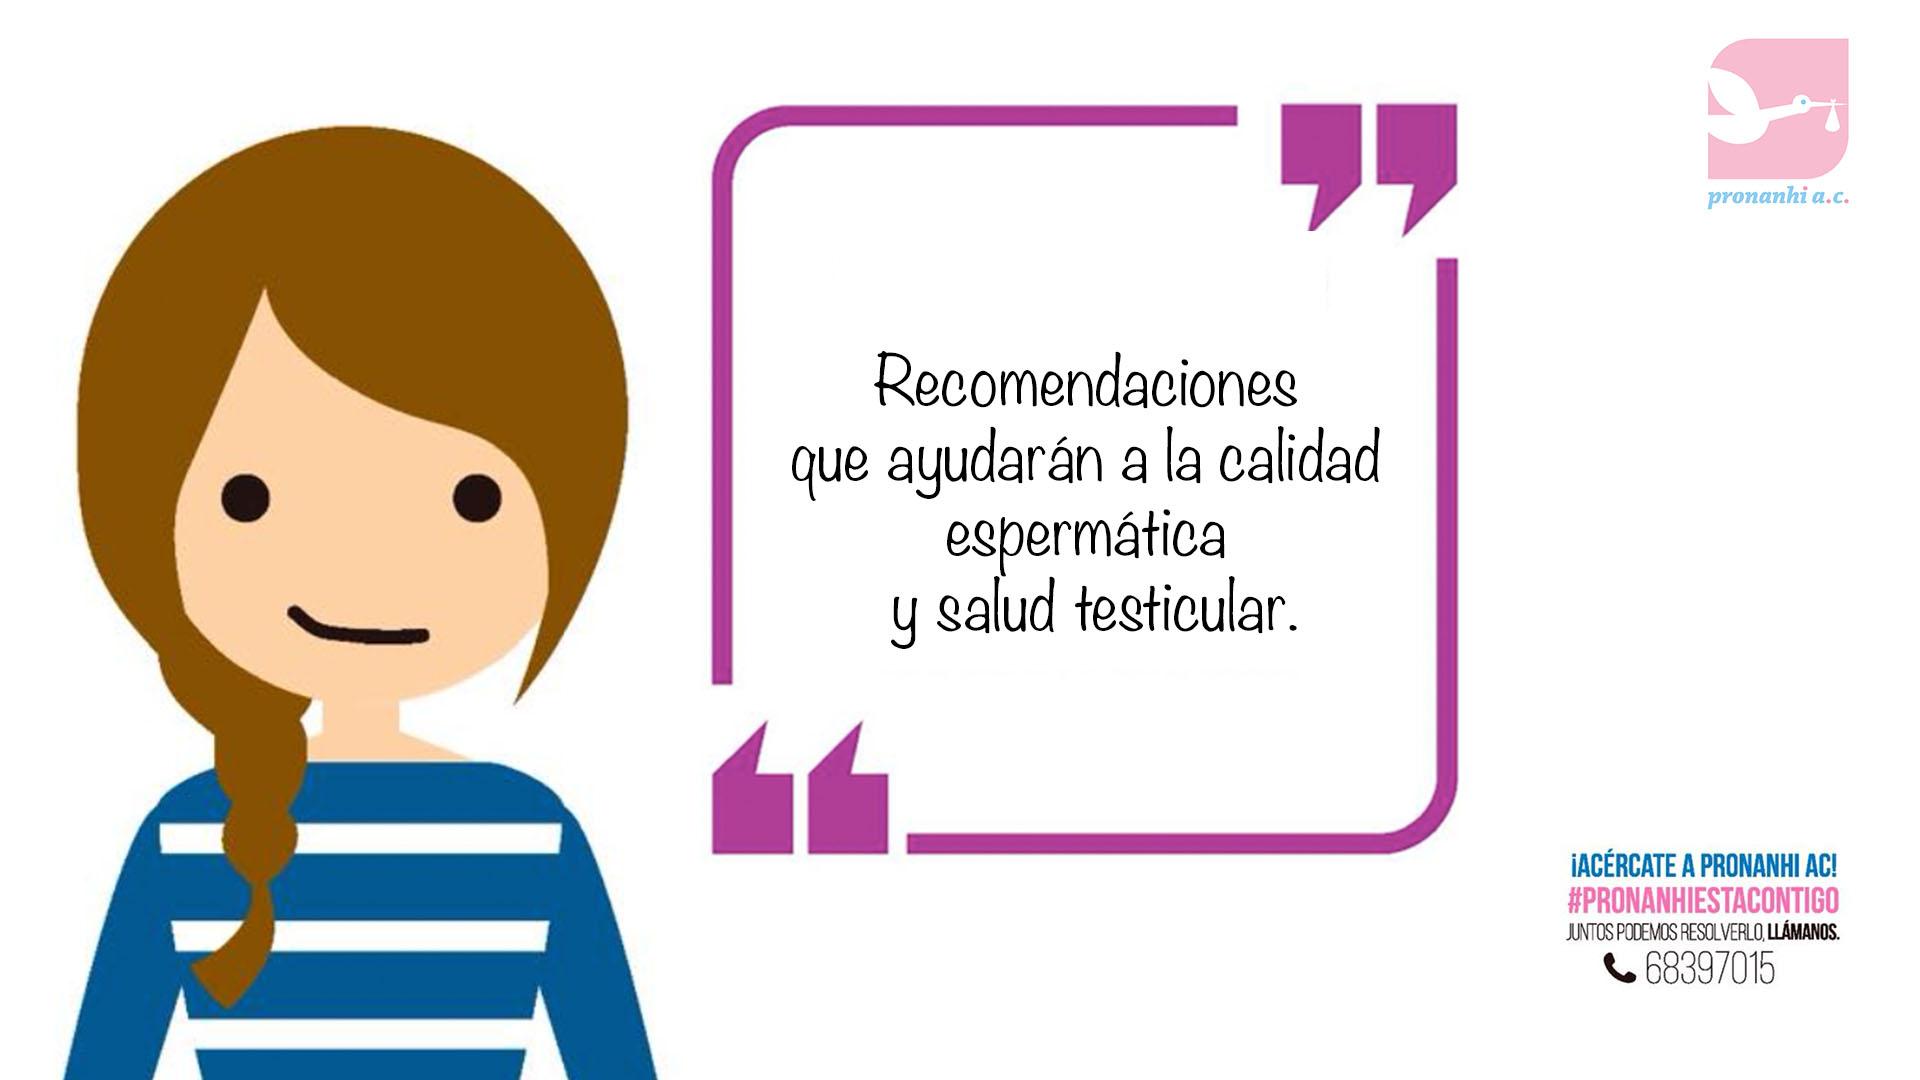 Esperma_saludable_infertilidad_tips_para_esperma_saludable